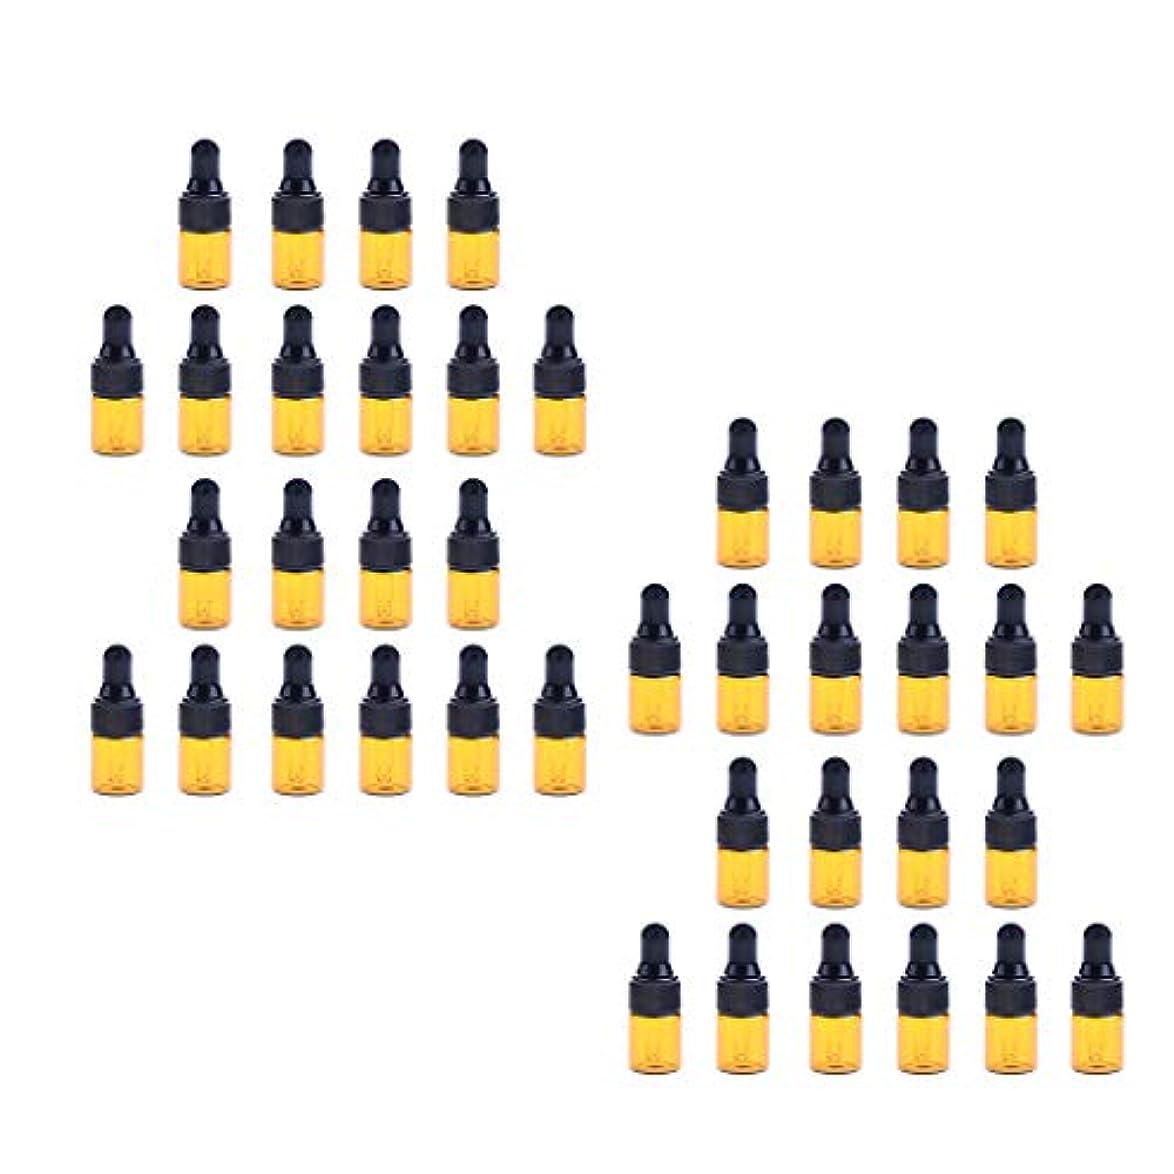 レイ意味ストライド40個入 ドロッパーボトル ガラス瓶 エッセンシャルオイル 精油 保存容器 詰め替え 小型 1ml /2ml